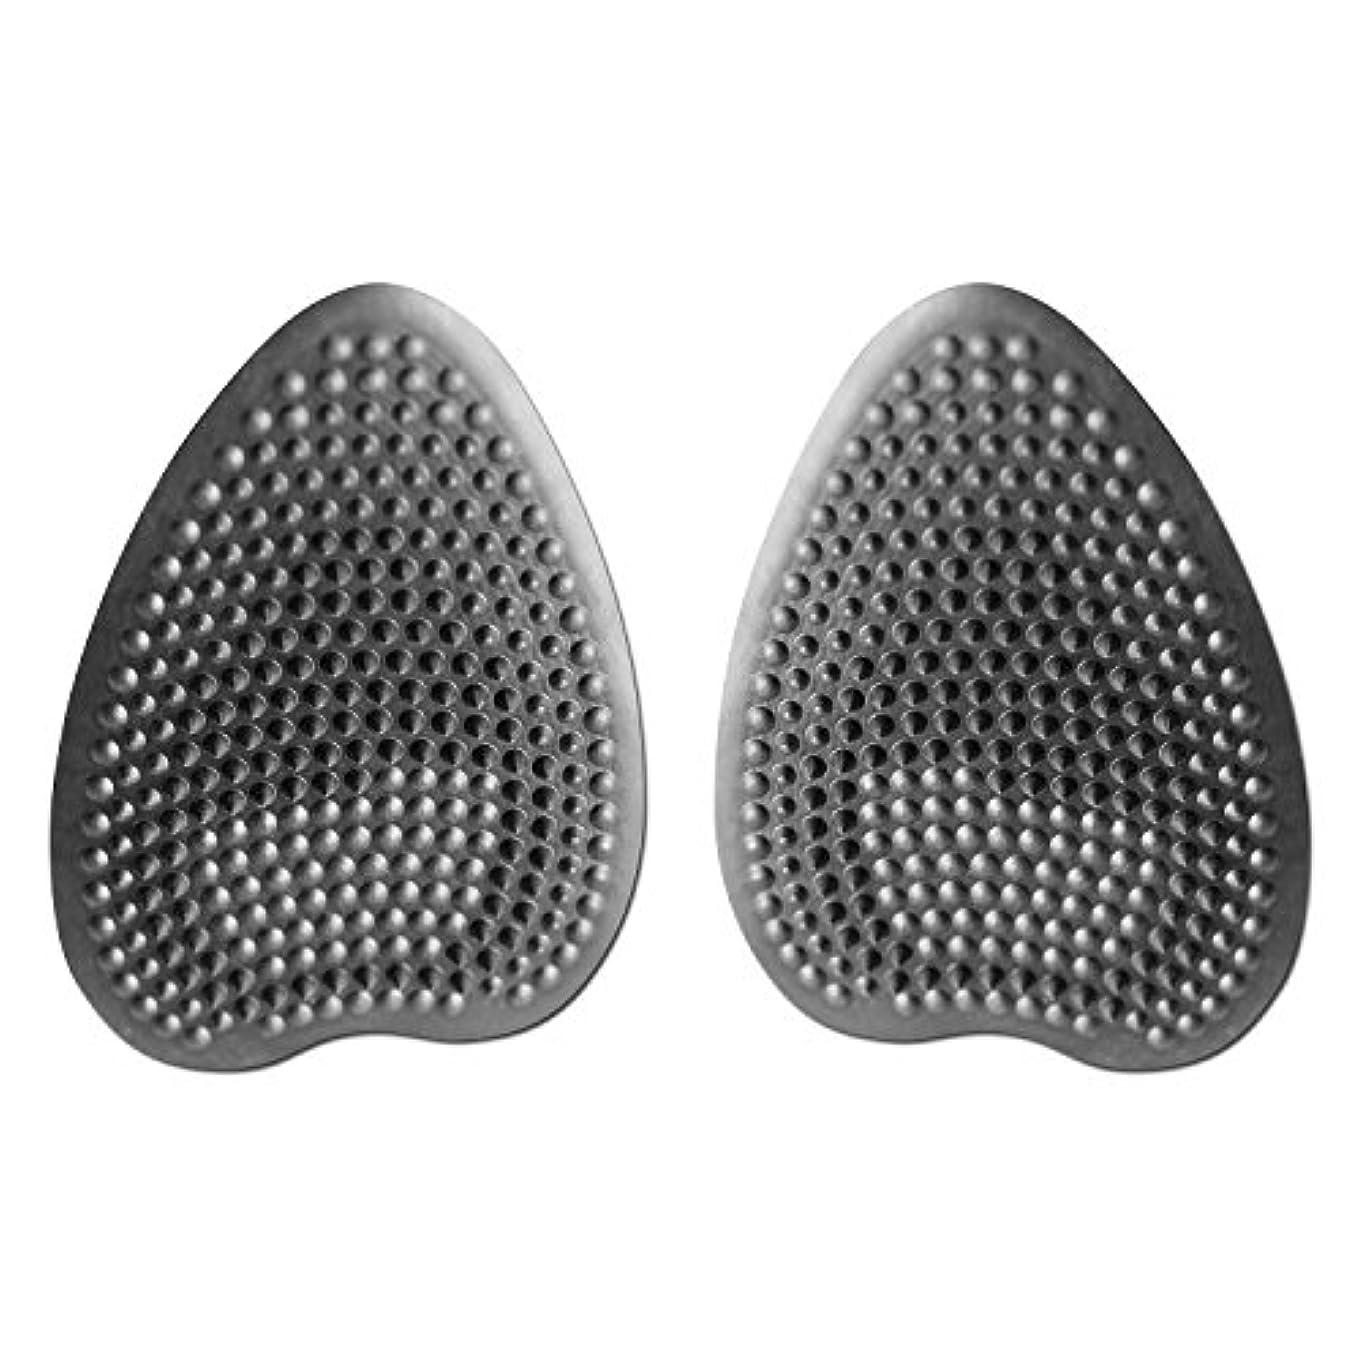 絶壁レギュラー脅威ヘブンリーカーペット レディース(靴底用クッションパッド) ブラック